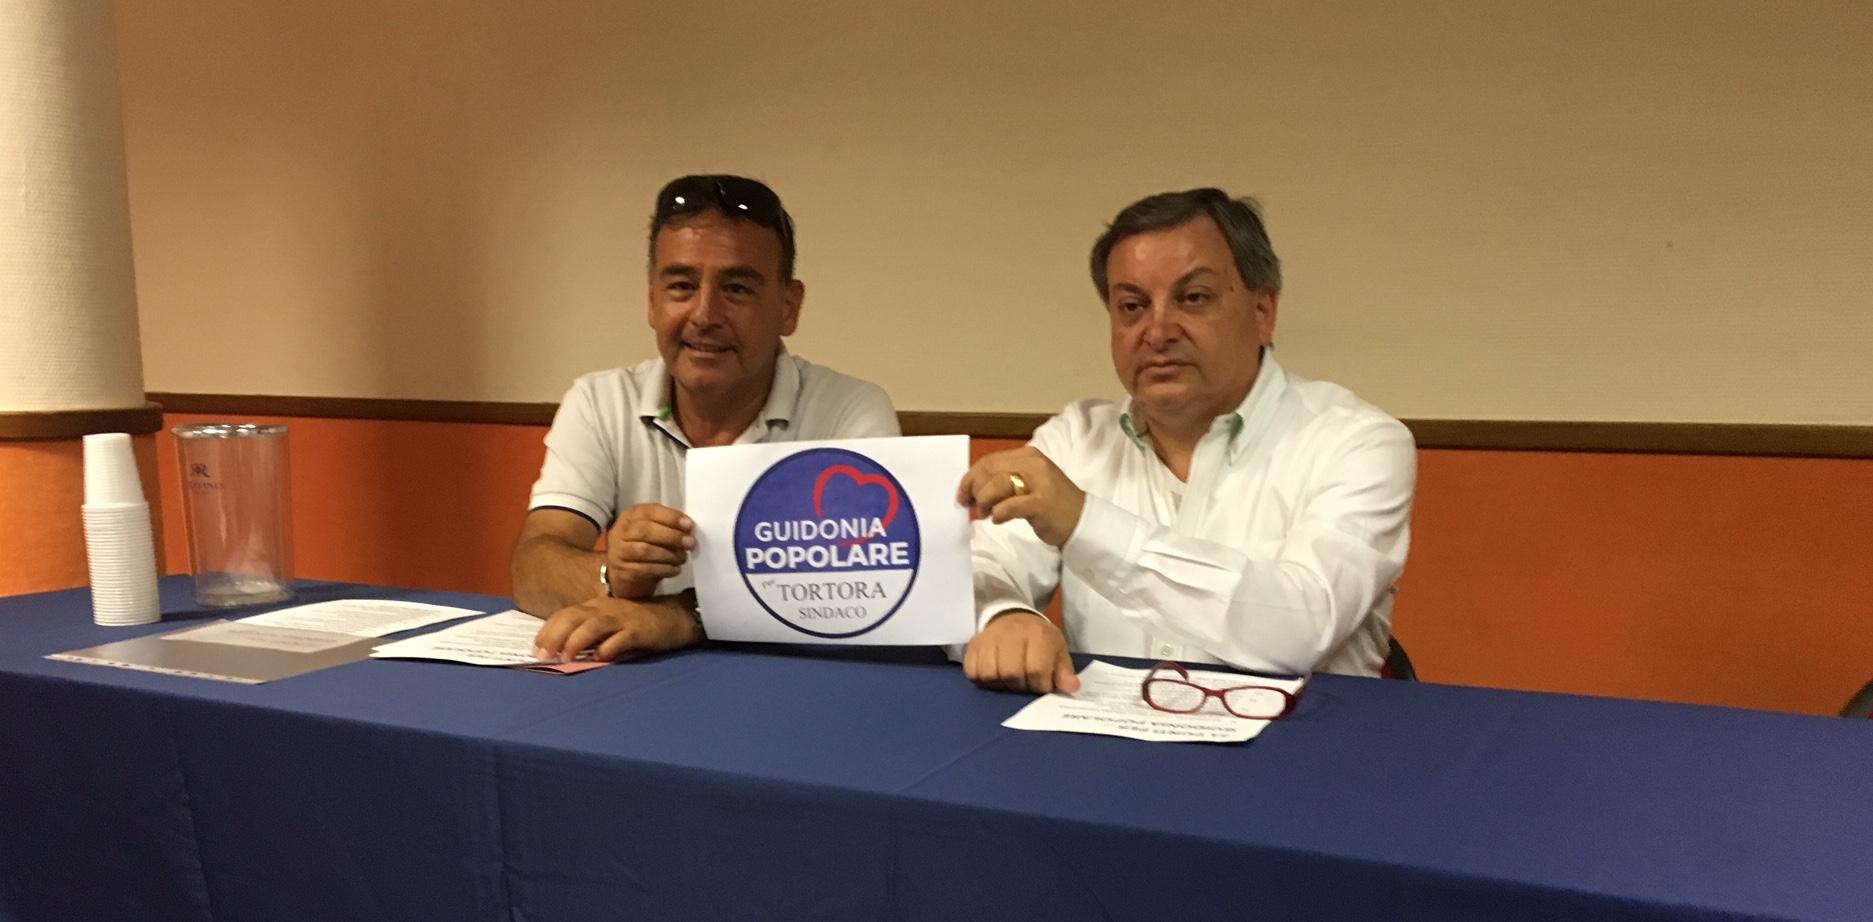 Guidonia Popolare, il primo candidato sindaco è Tortora. C'è Bianco come segretario